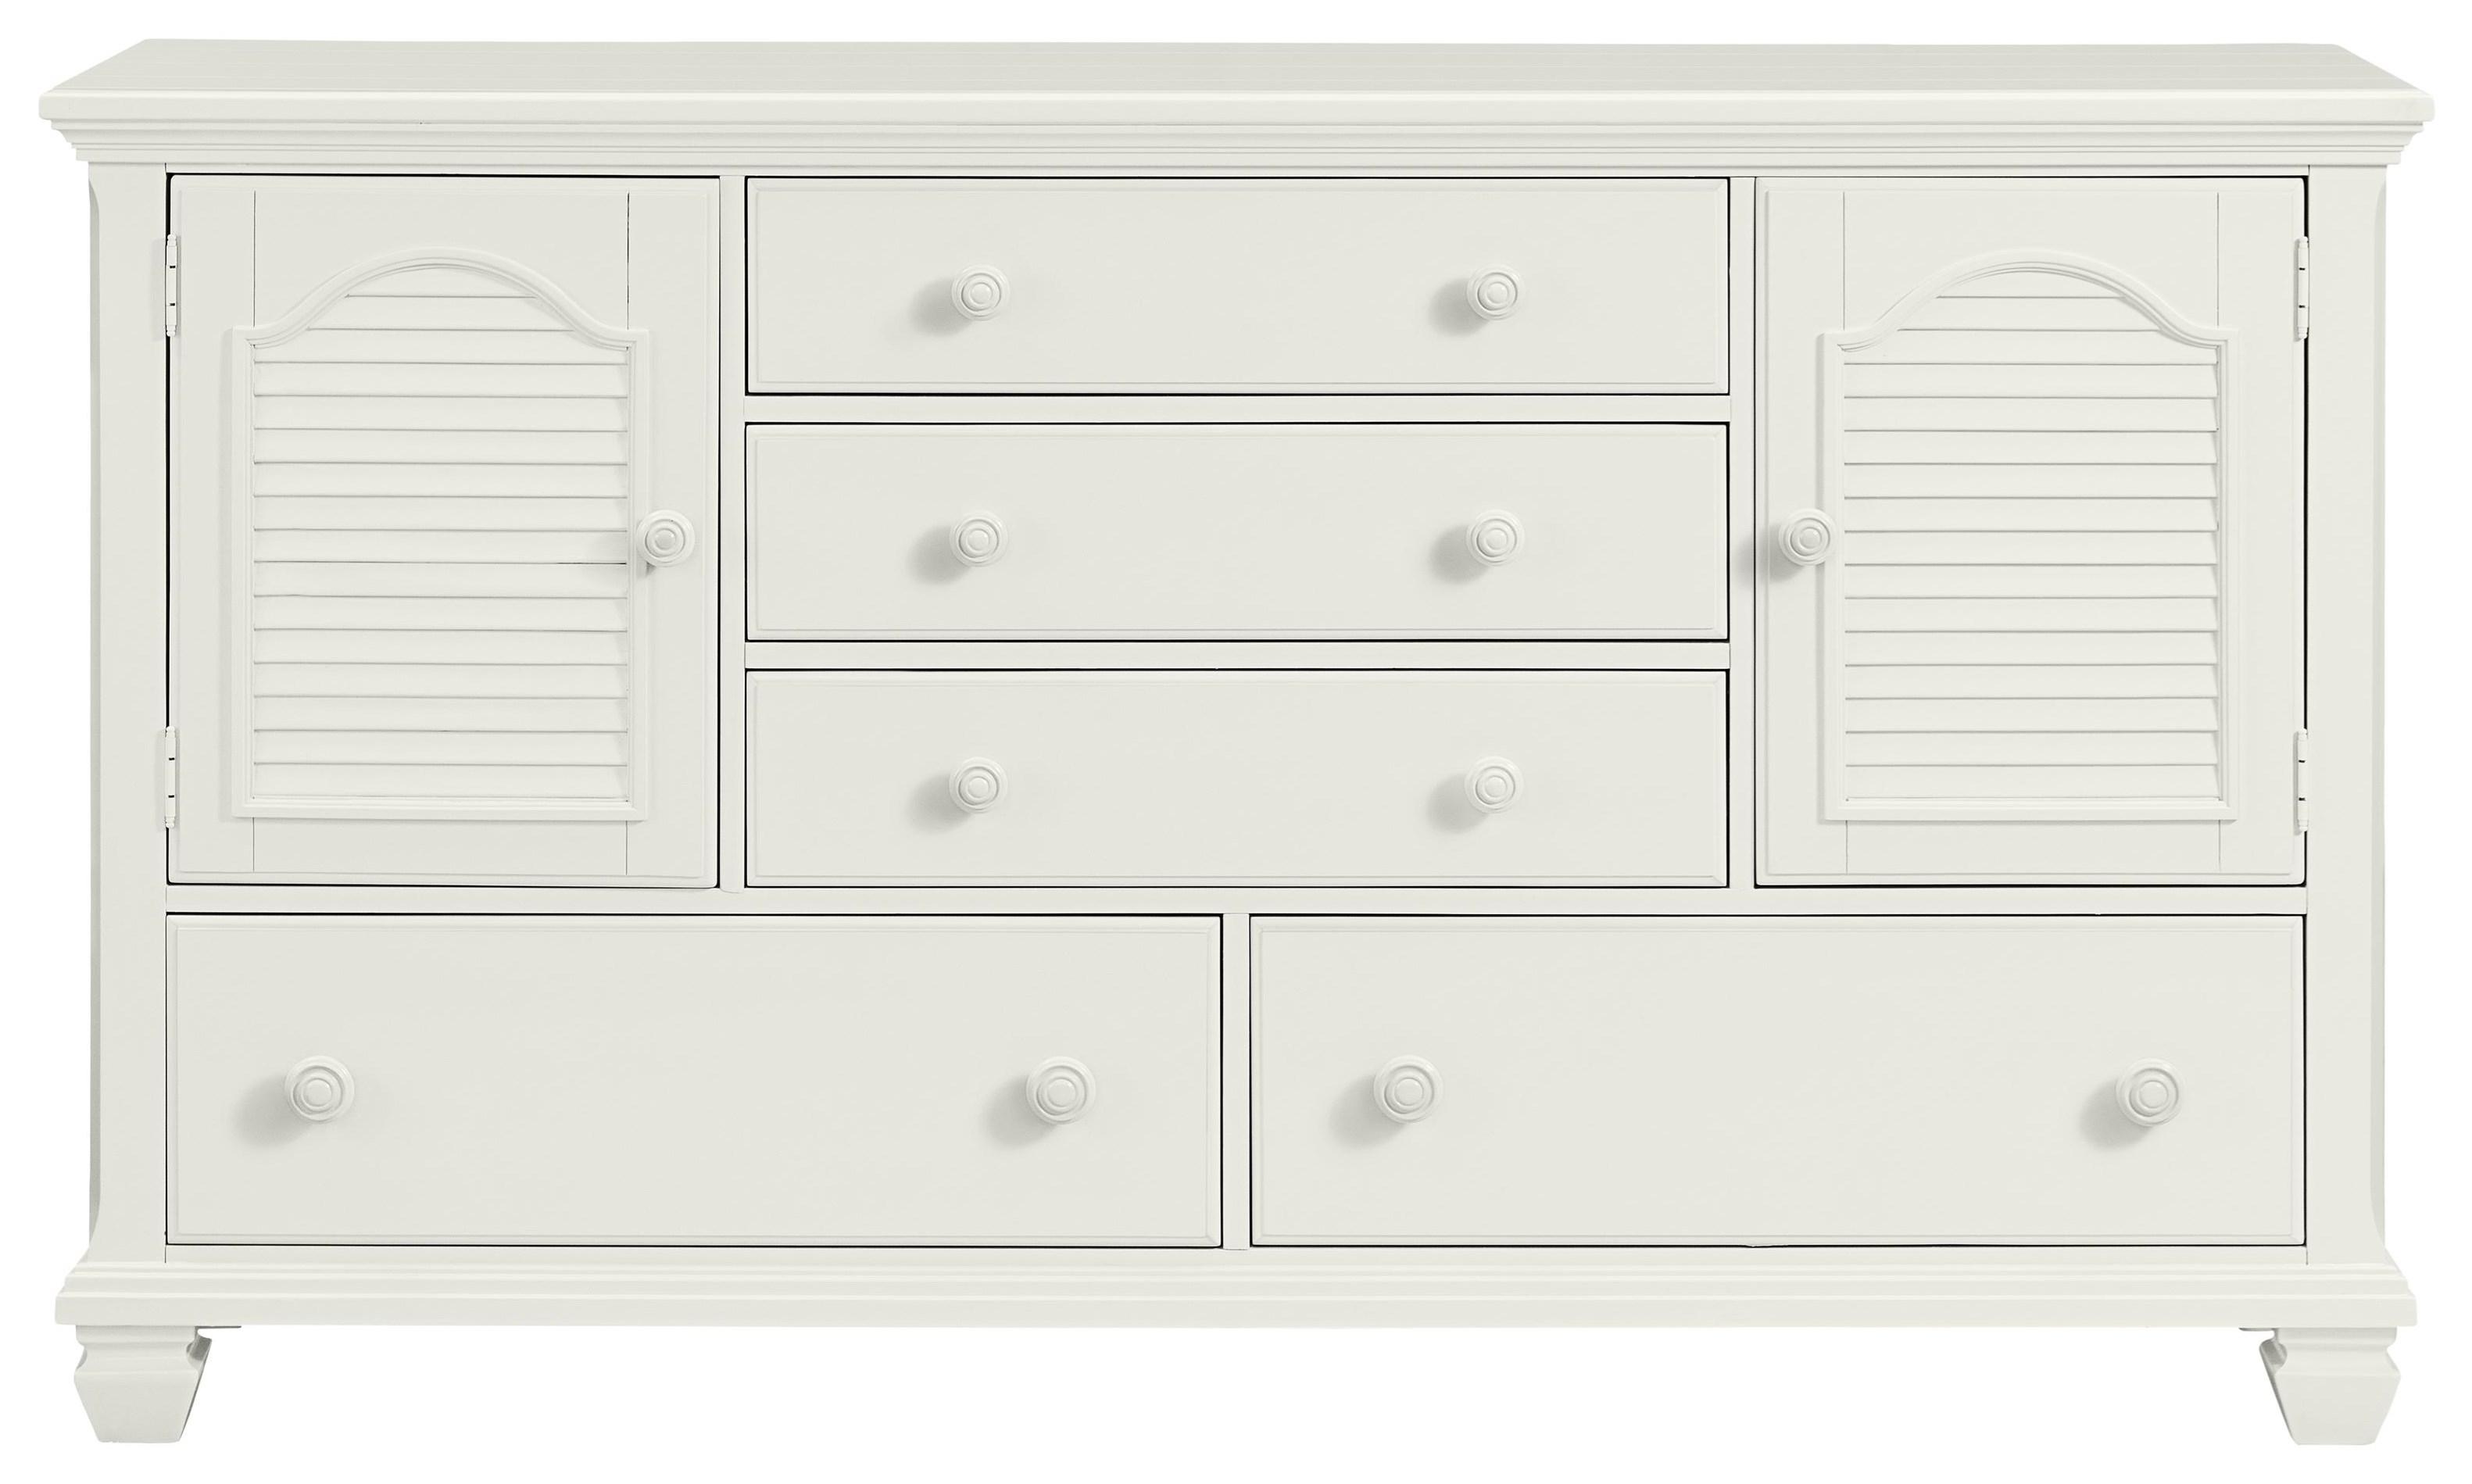 Harbortown Door Dresser by Stillwater Furniture at Baer's Furniture